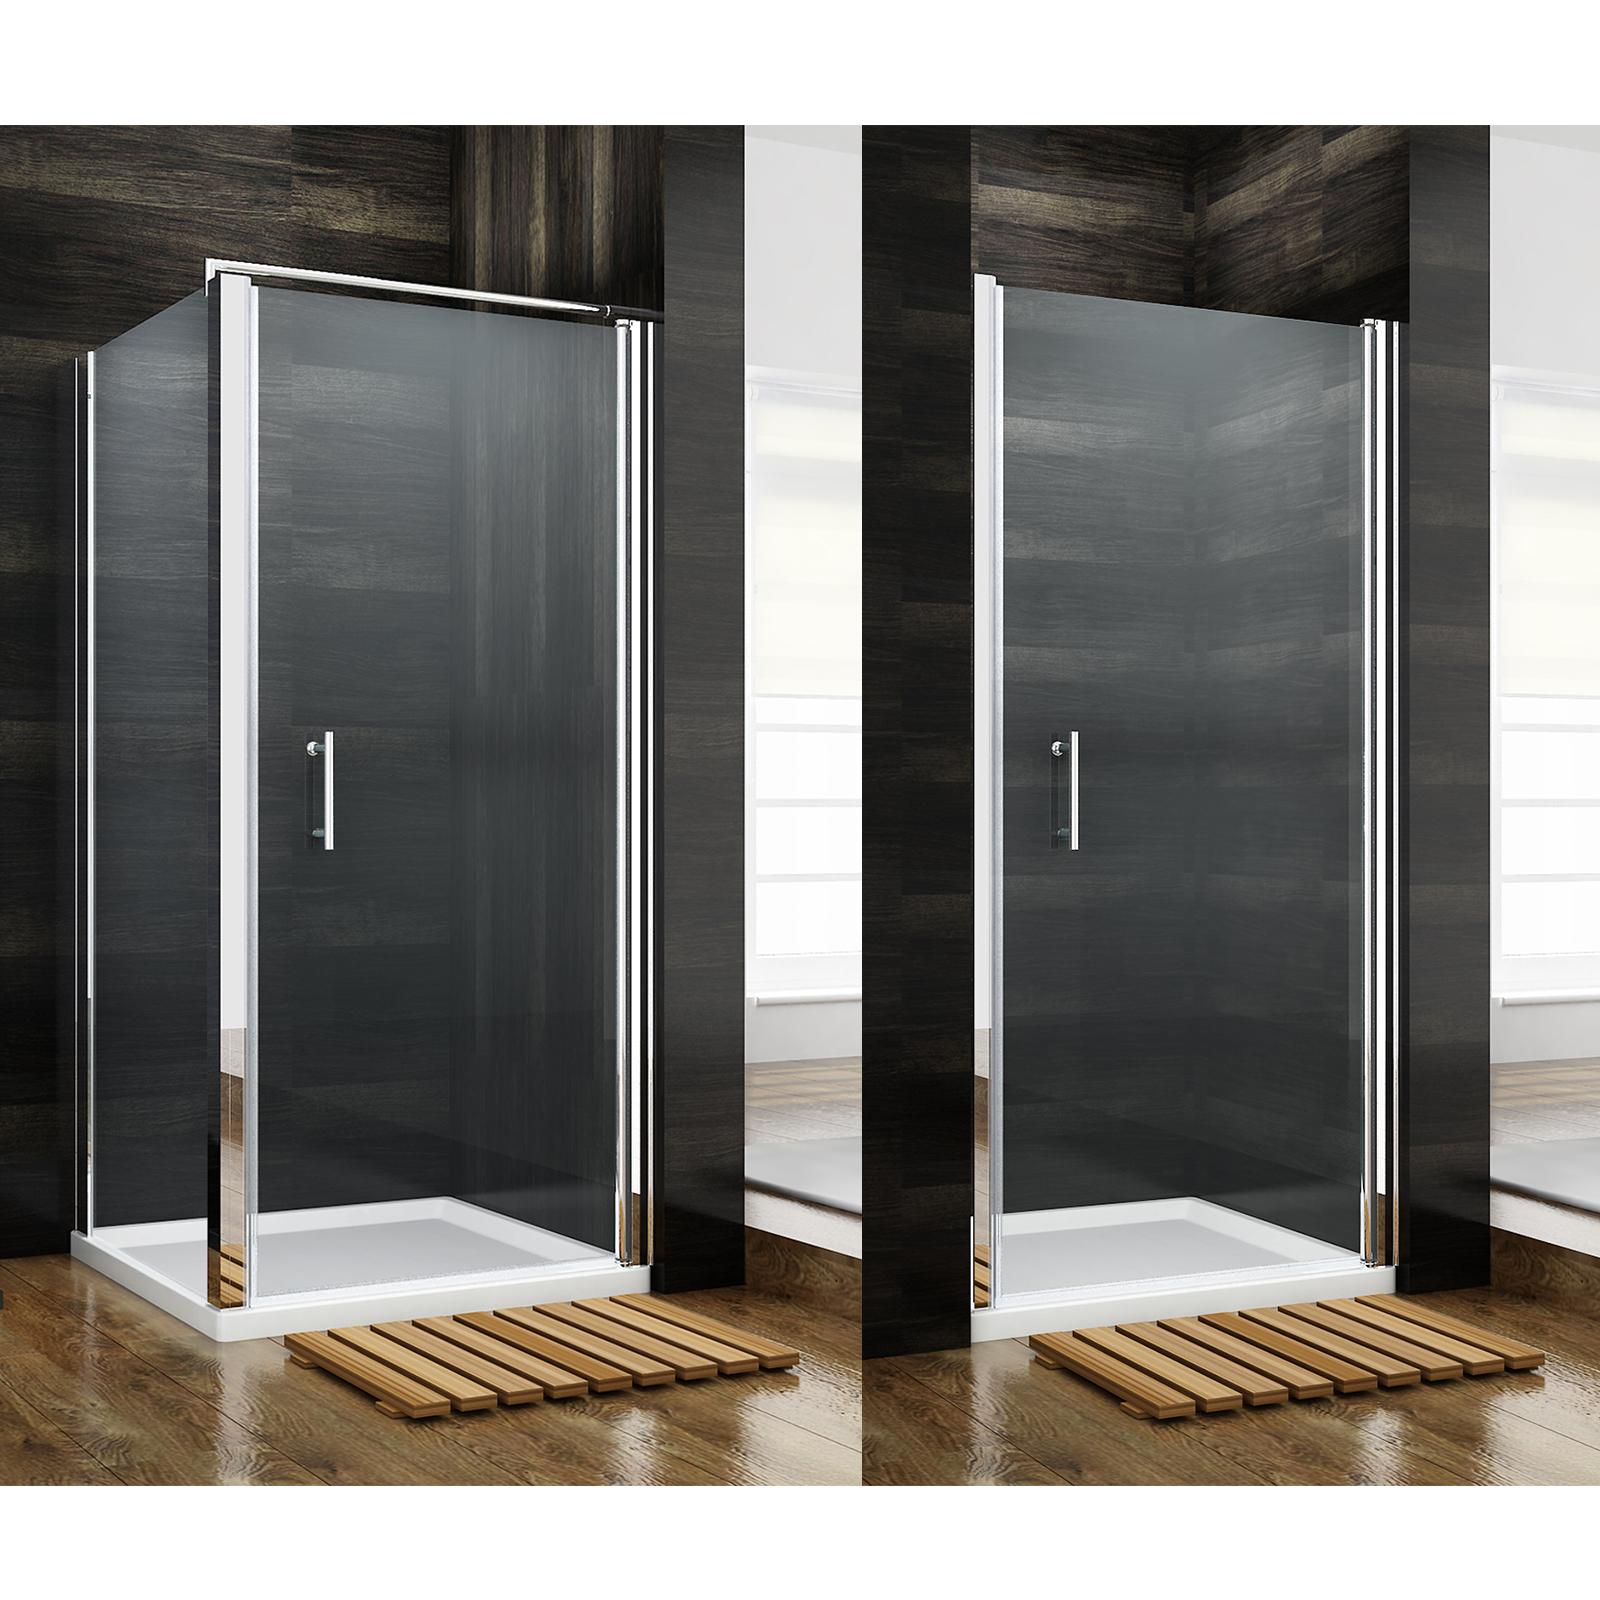 Dusche Nischent?r Rahmenlos : nische rahmenlos schwingt?r eckdusche aus glas duschwand rahmenlos